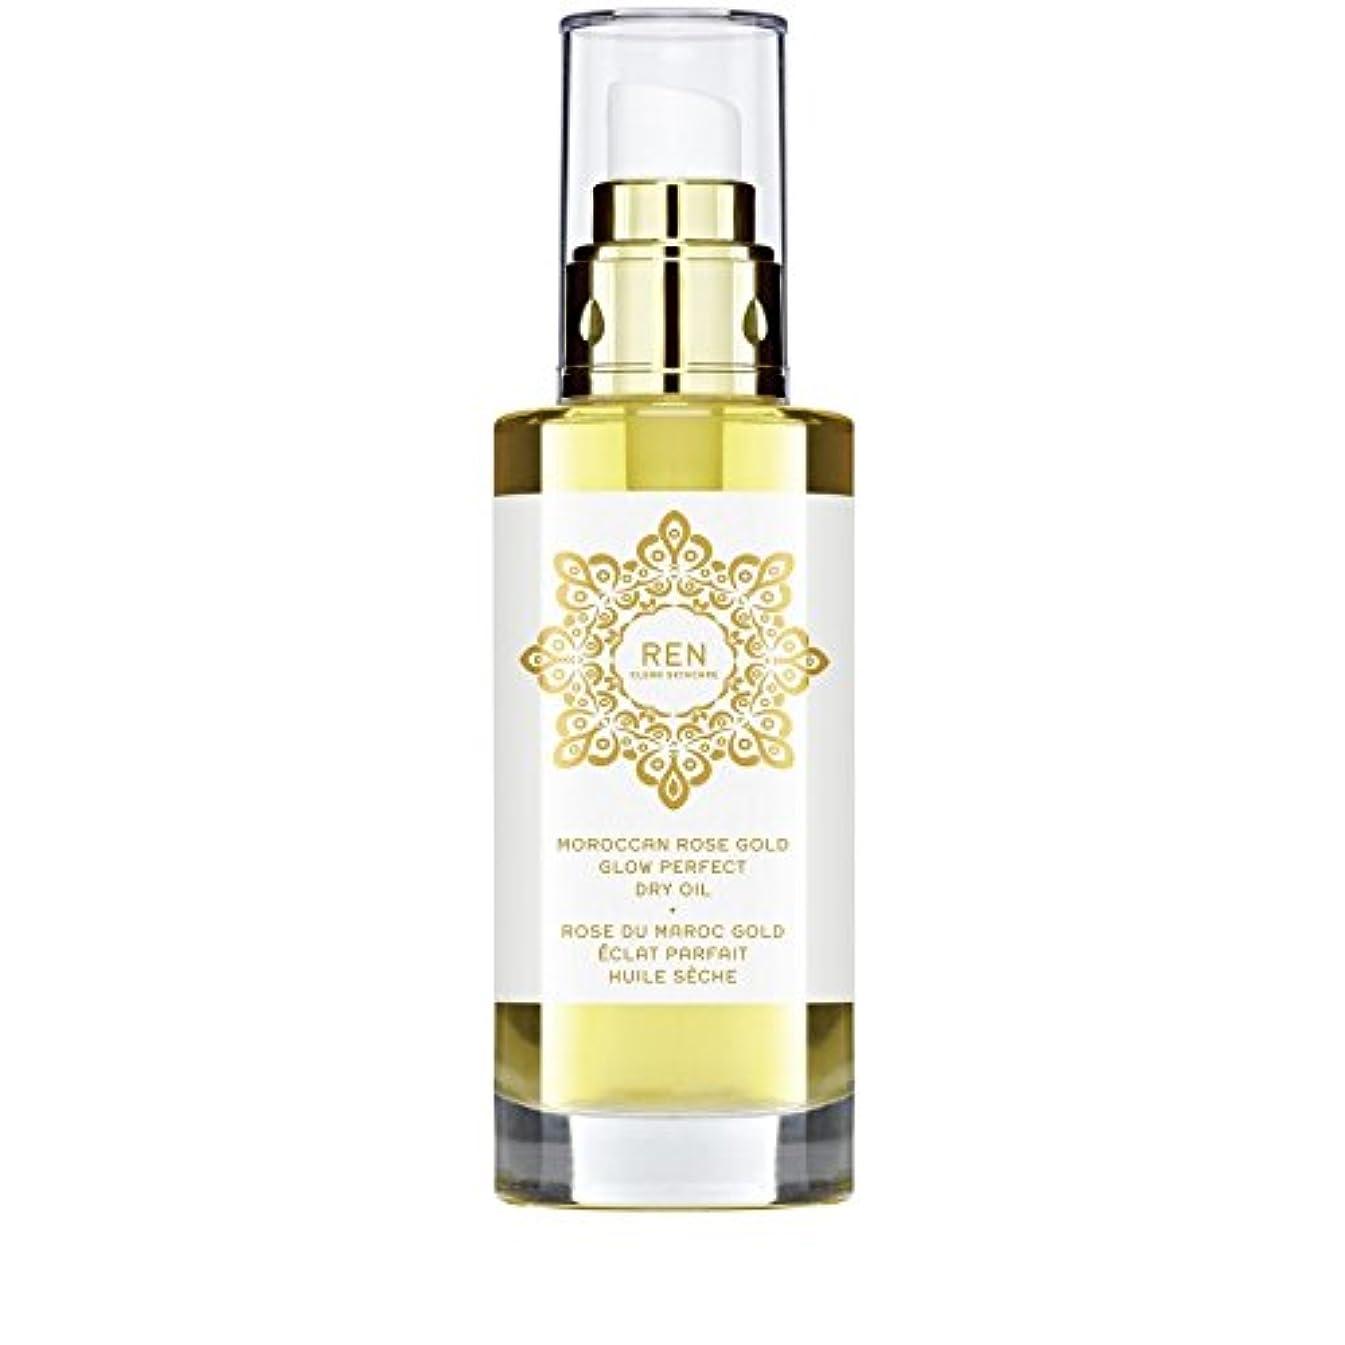 嫌悪与える受取人モロッコは金が完璧なドライオイル100ミリリットルグローバラ x2 - REN Moroccan Rose Gold Glow Perfect Dry Oil 100ml (Pack of 2) [並行輸入品]